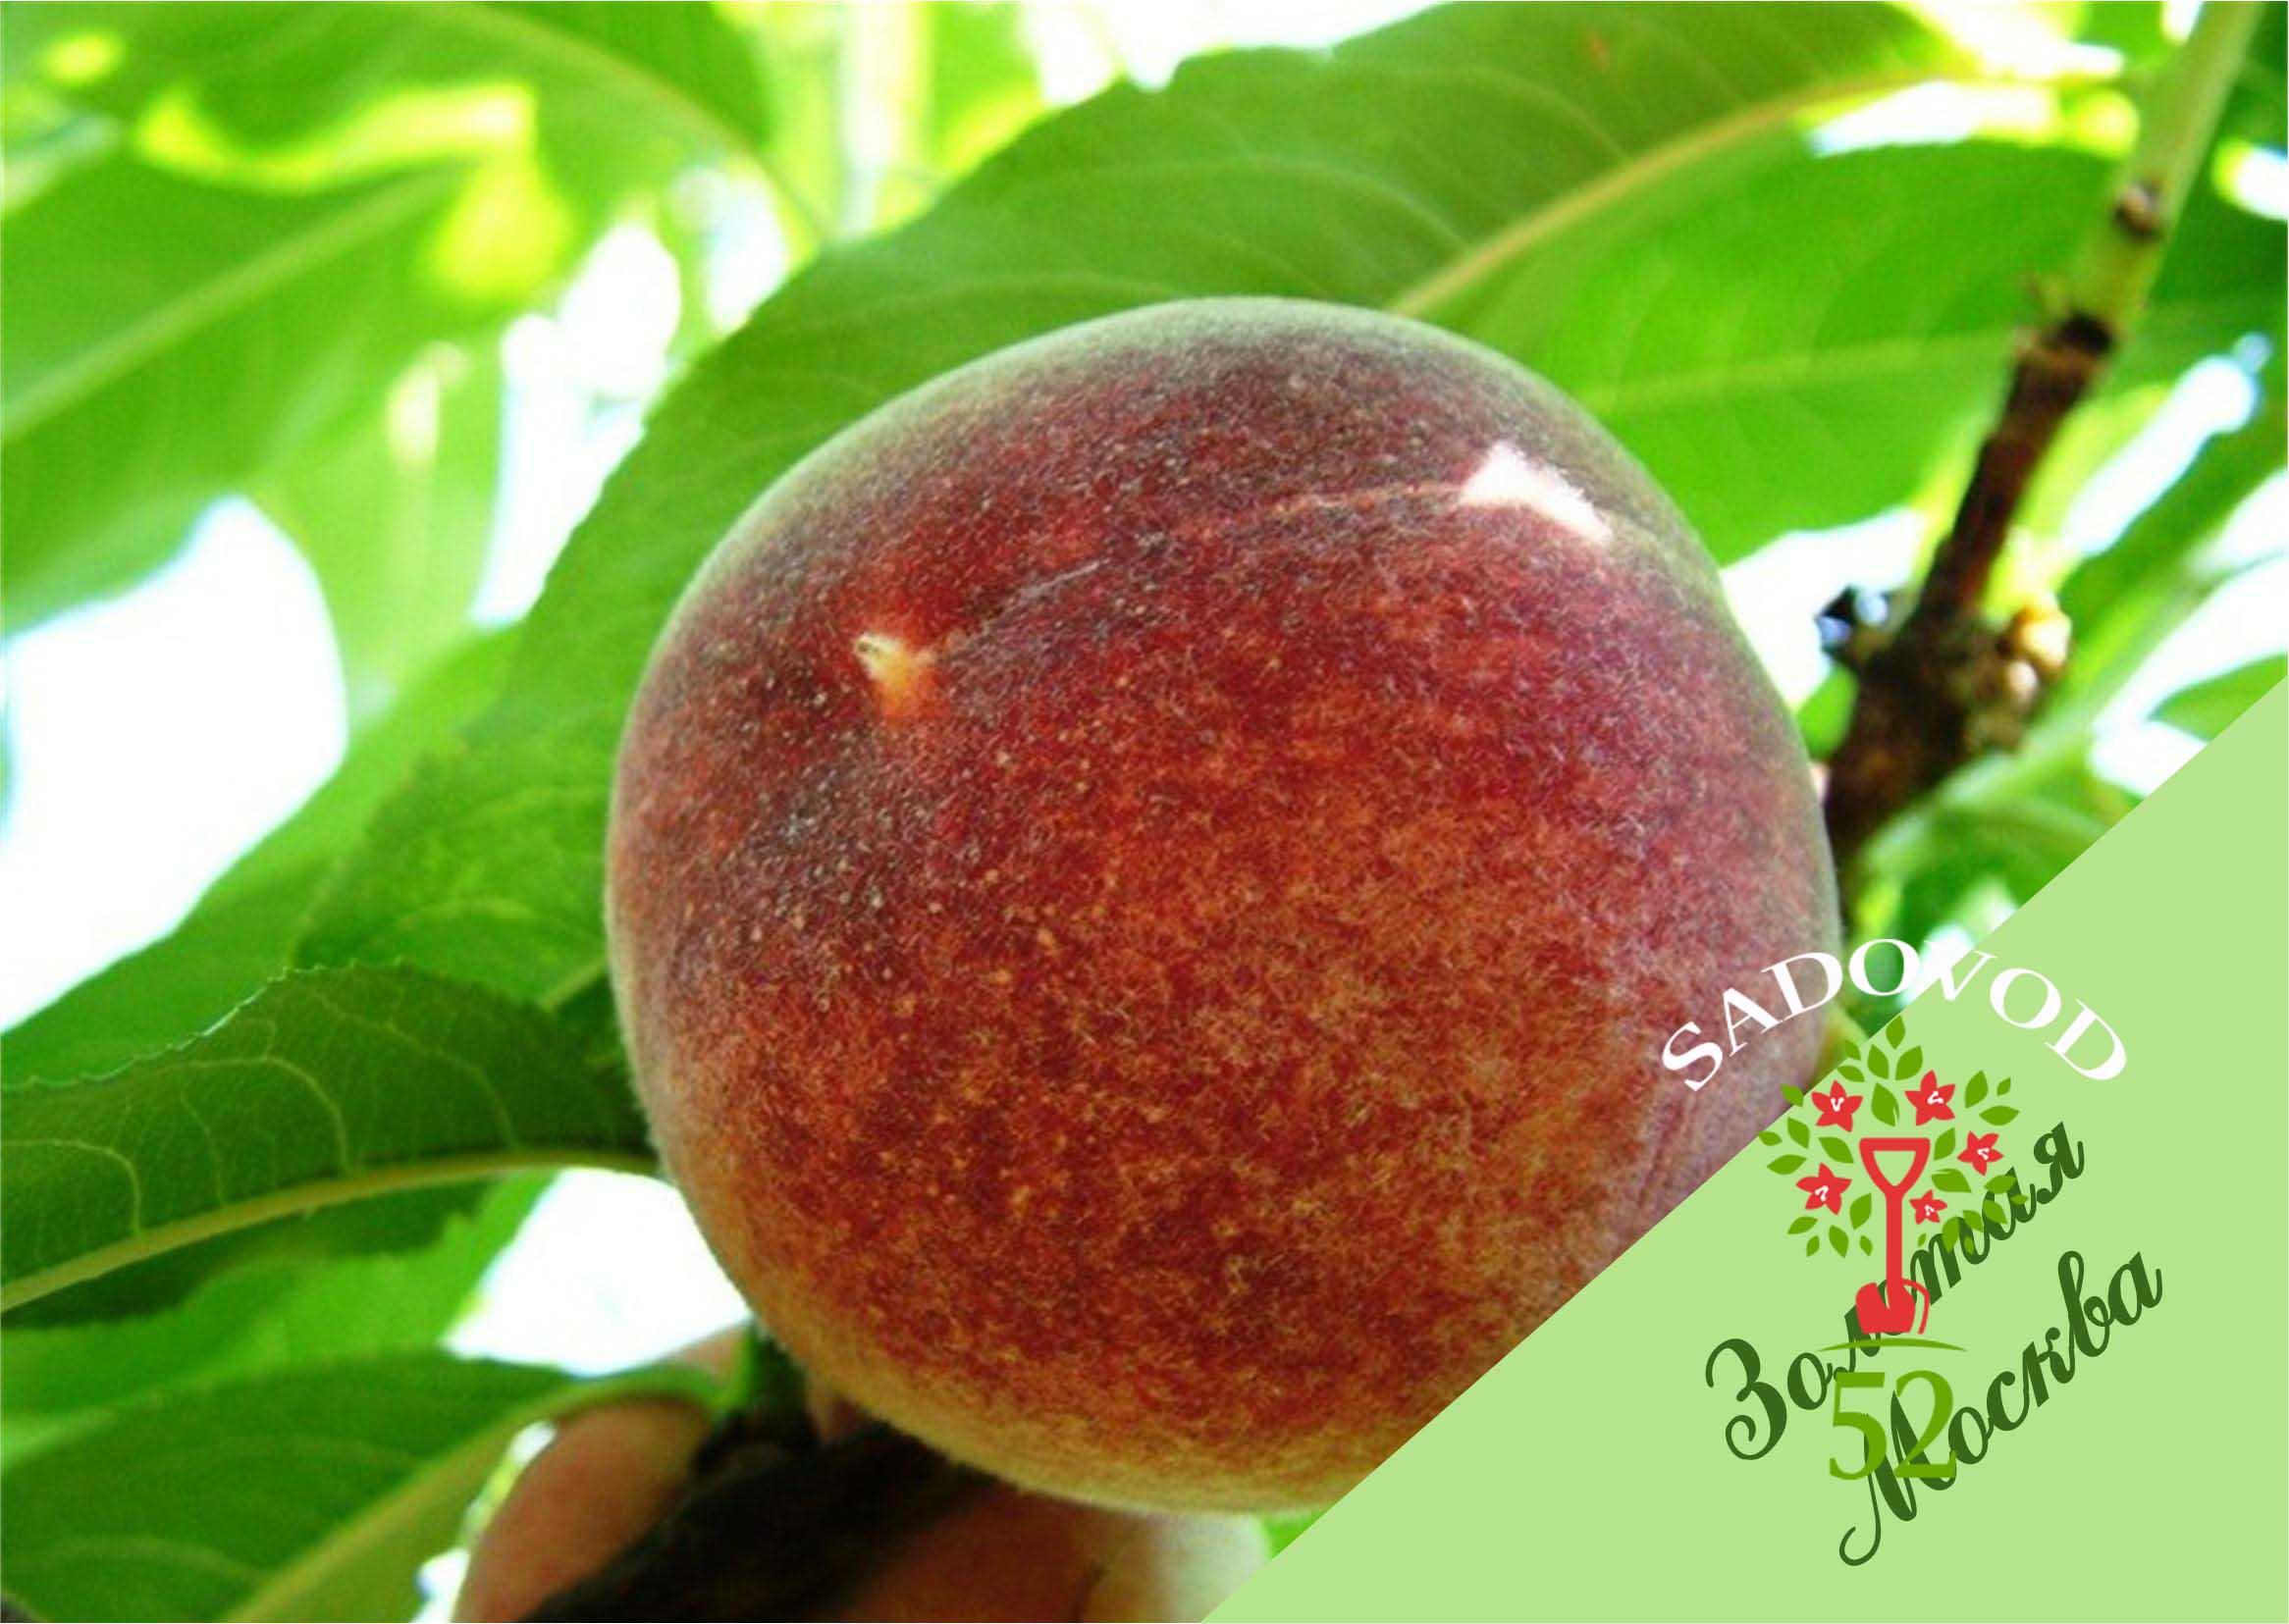 Персик золотой юбилей: описание сорта с фото